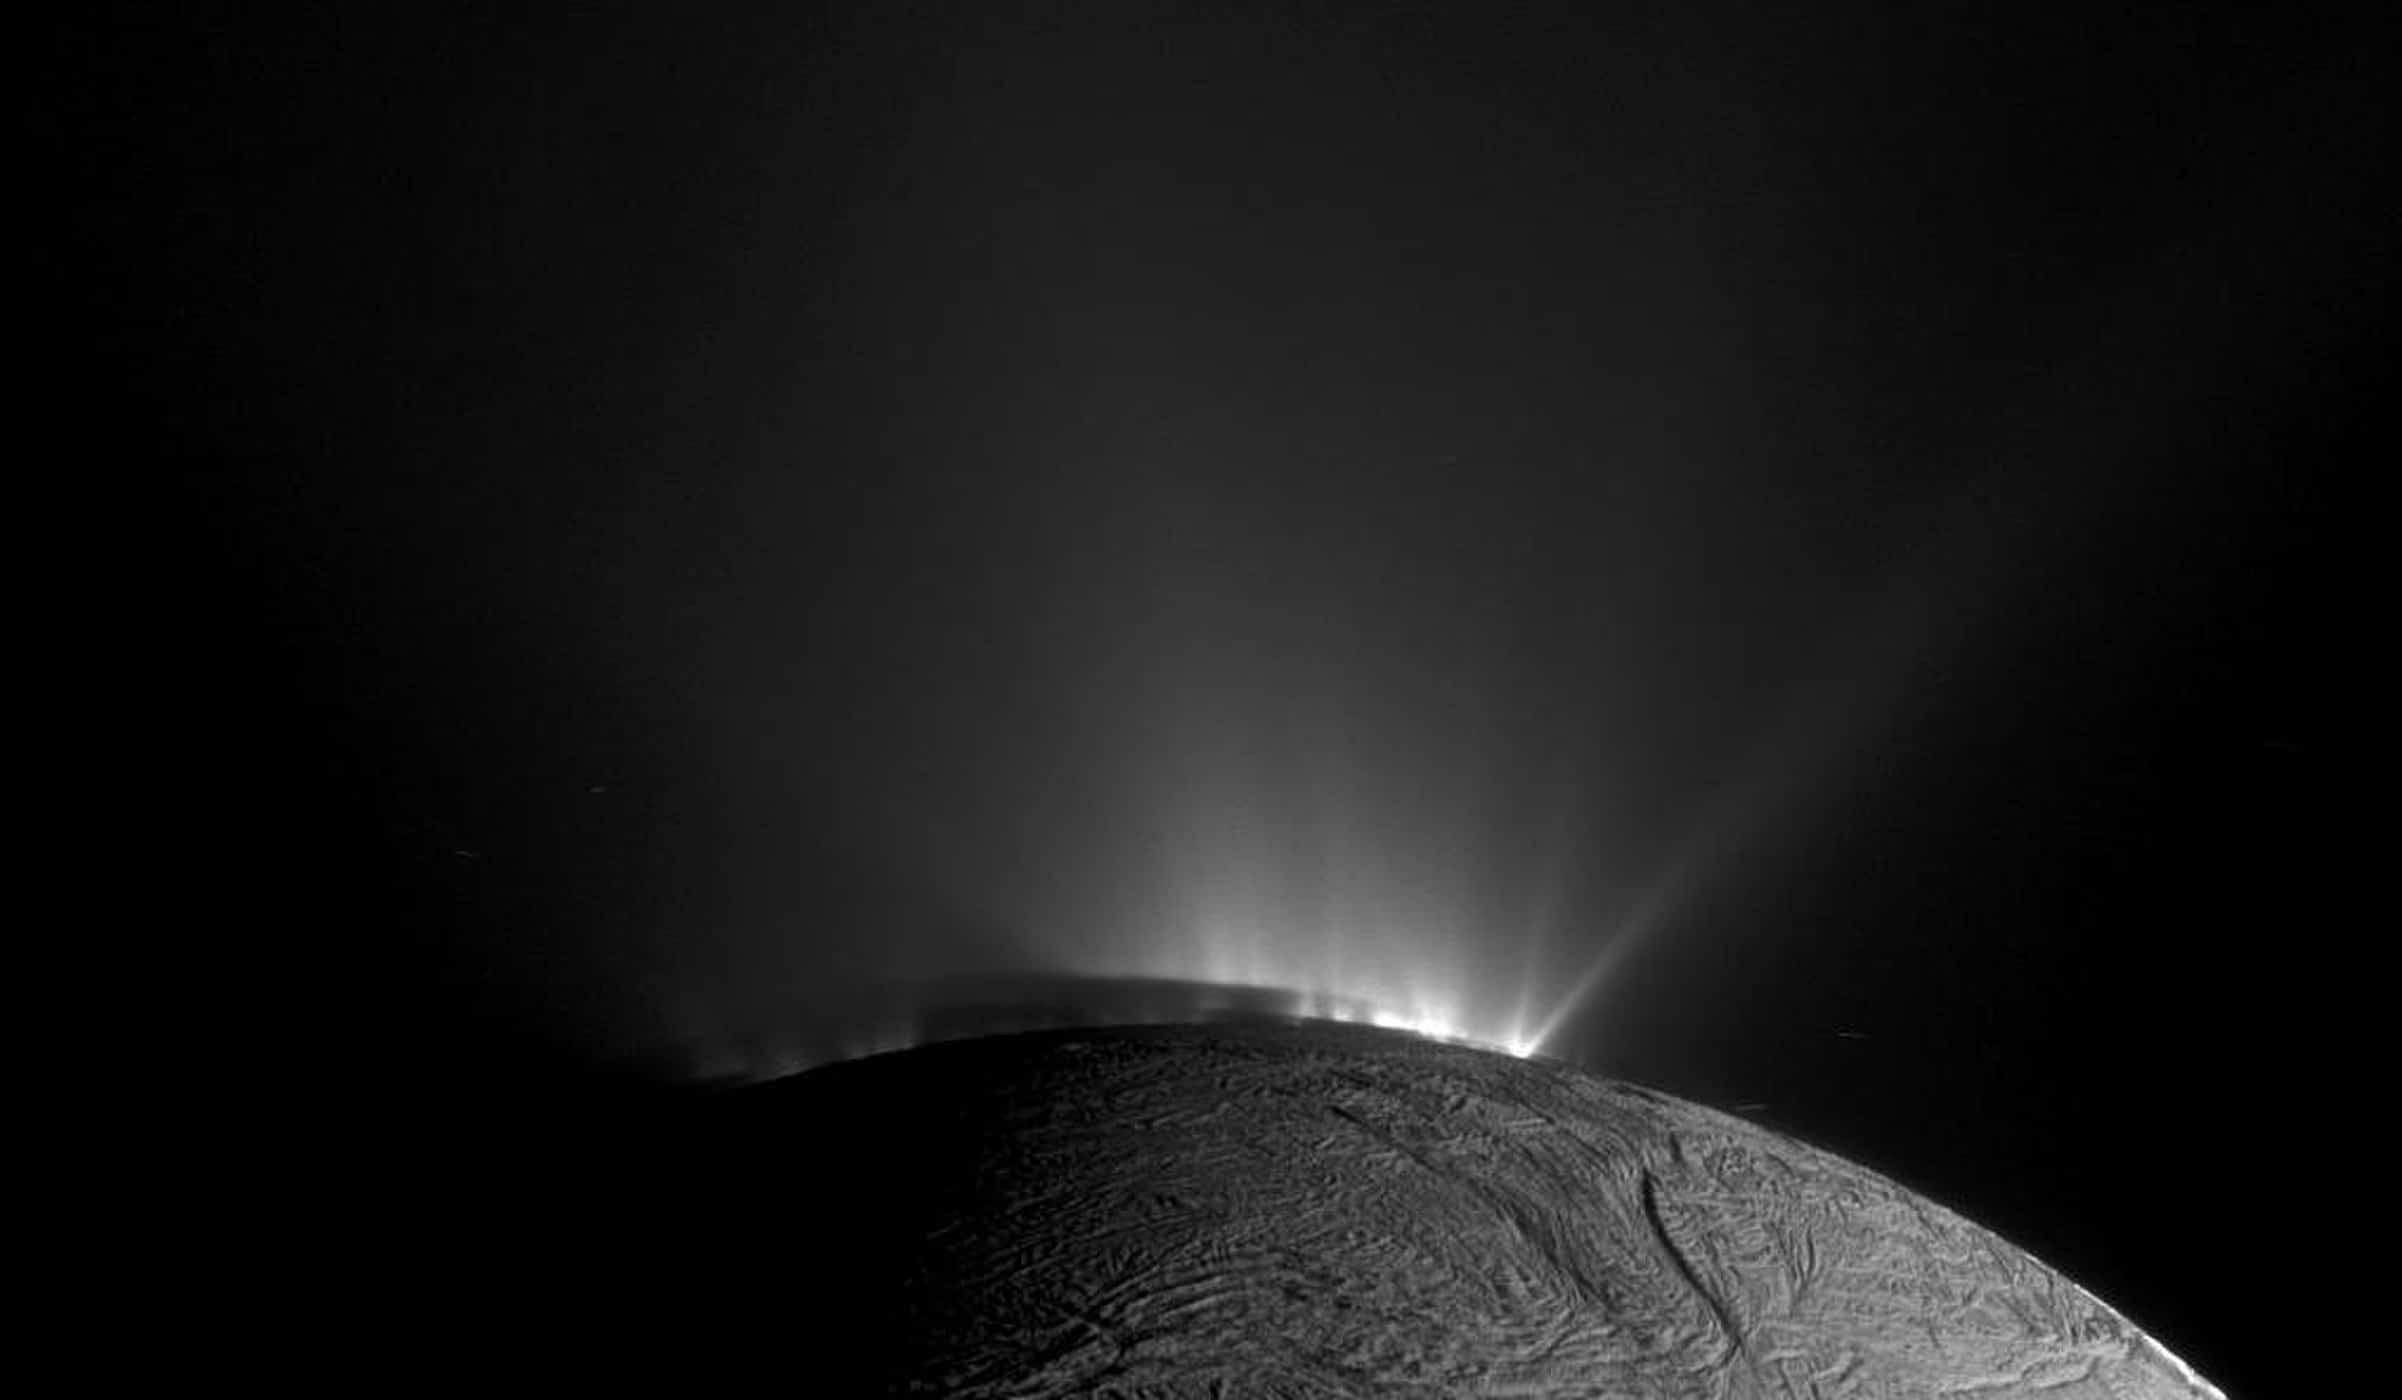 Descubren nuevos compuestos orgánicos en Encélado